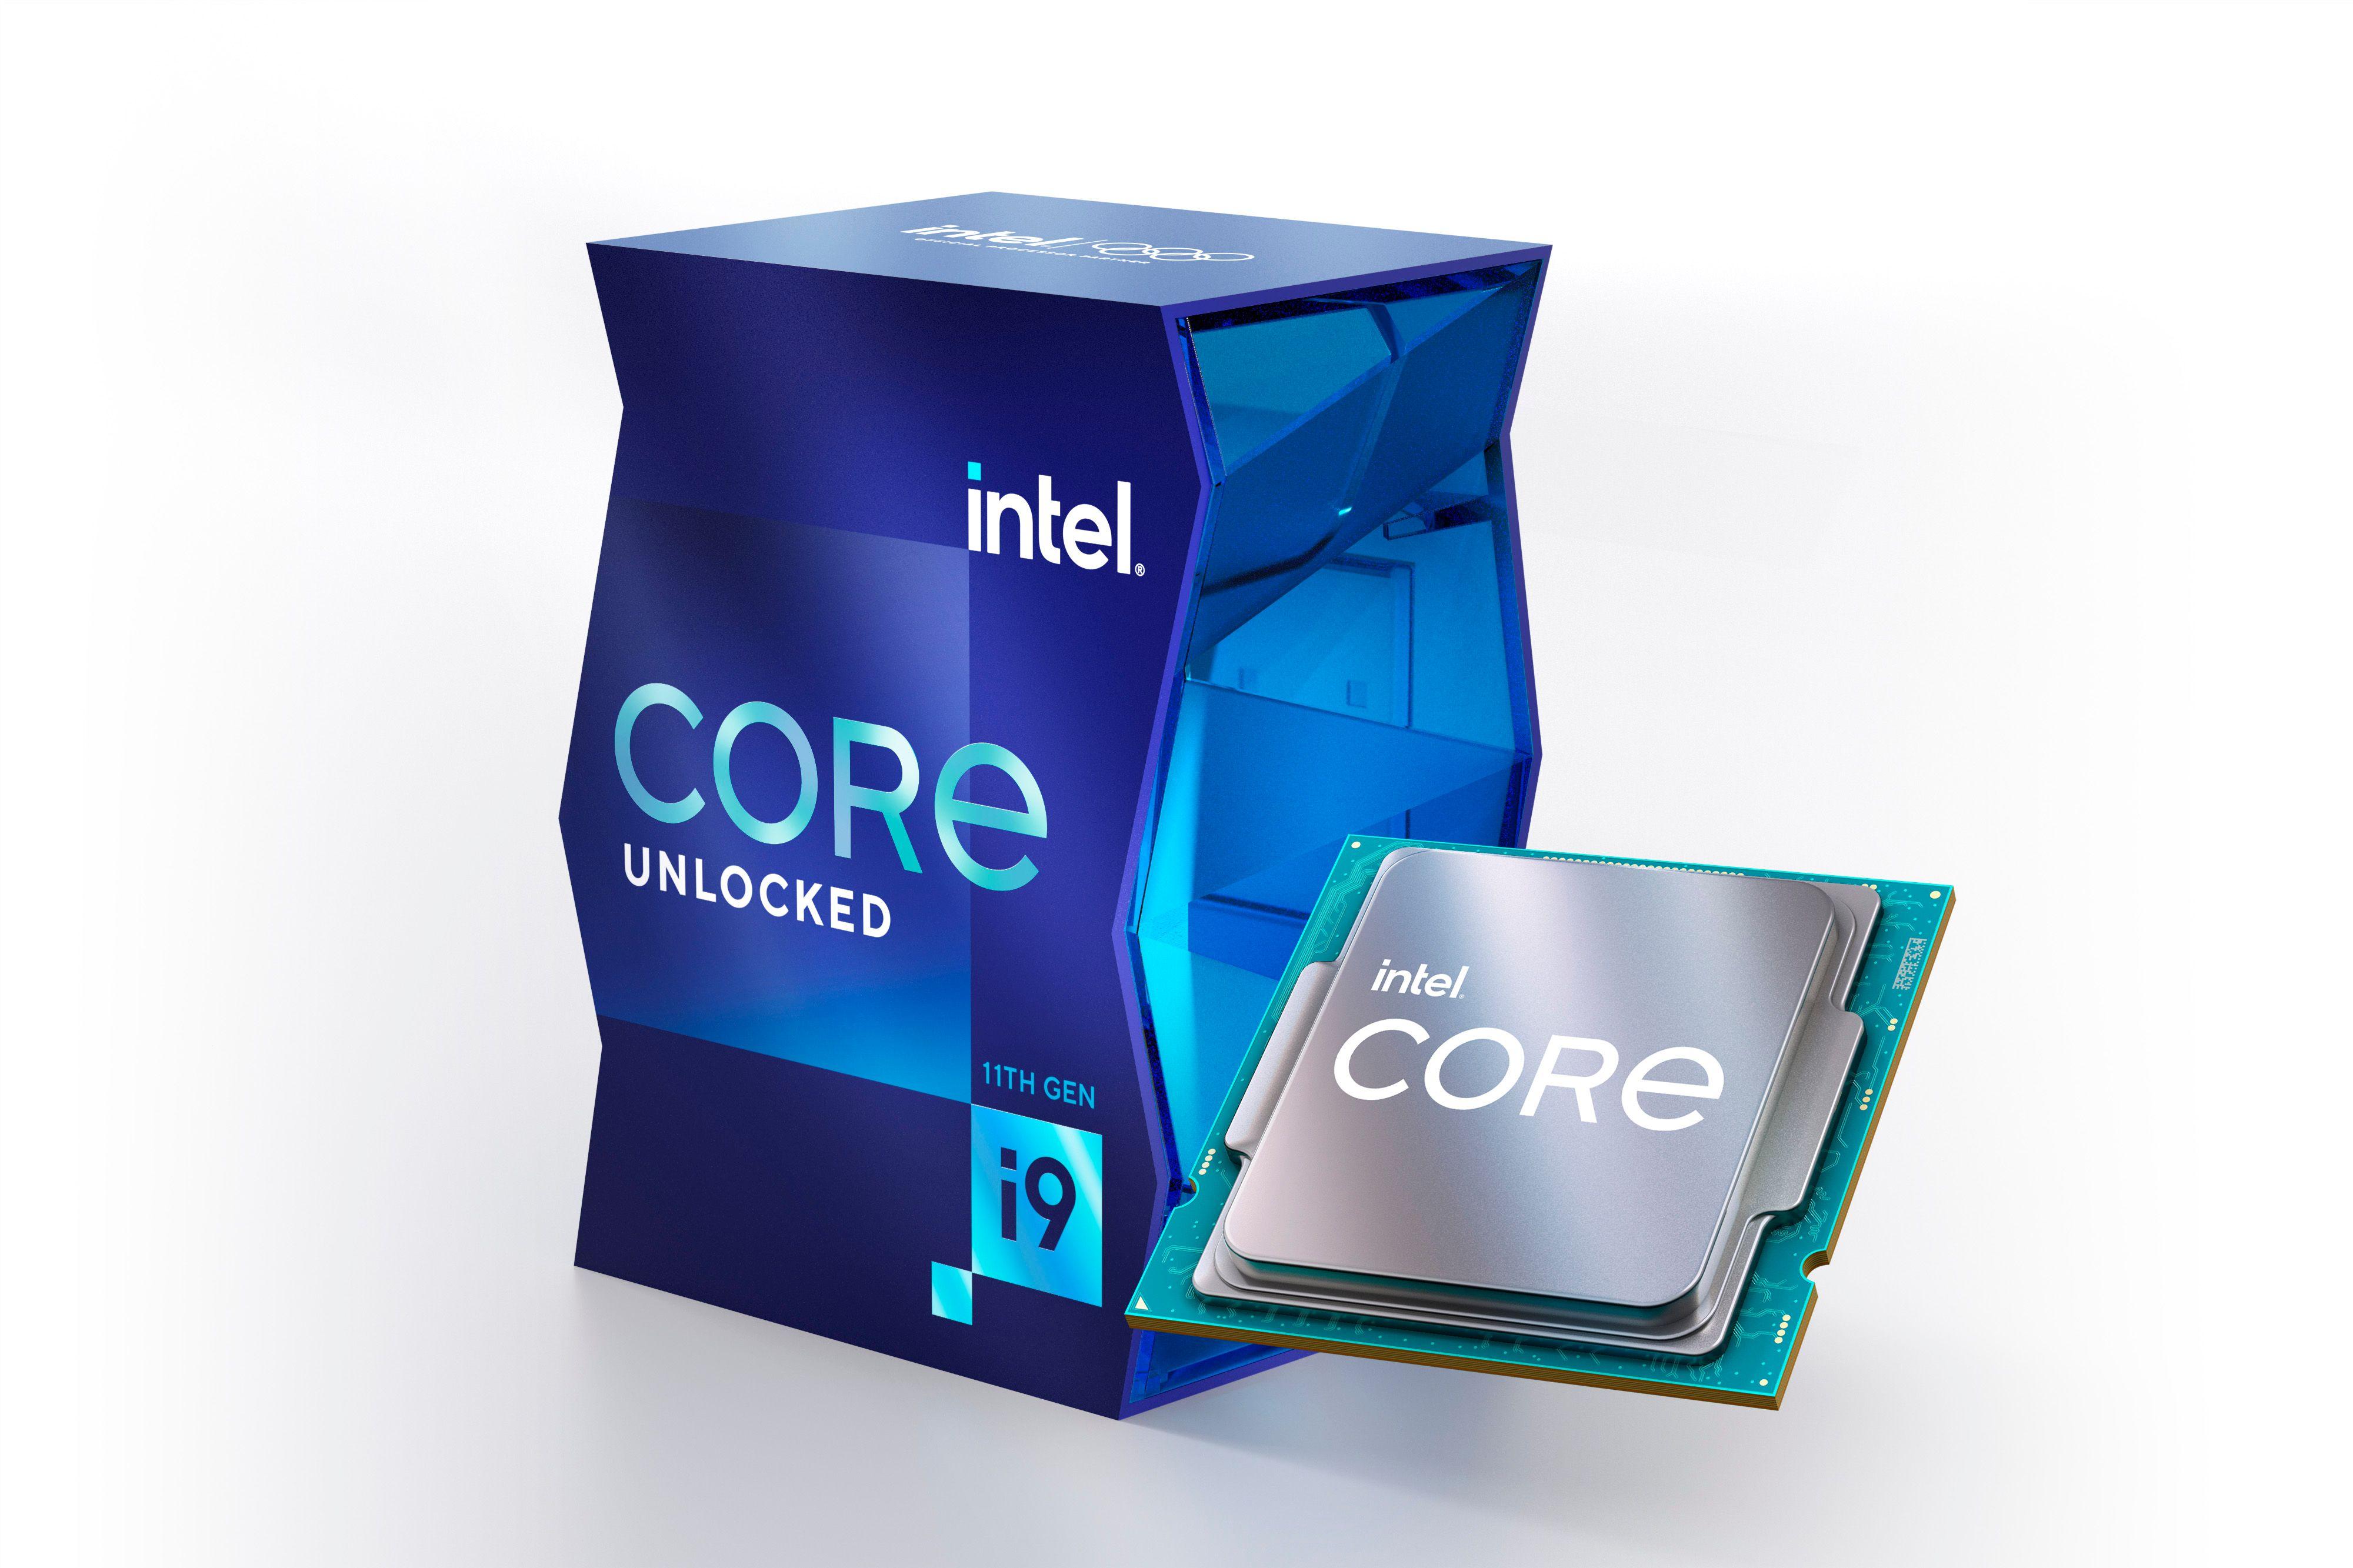 Media asset in full size related to 3dfxzone.it news item entitled as follows: Intel annuncia i processori Core di undicesima generazione per desktop | Image Name: news31812_Intel-11th-Gen-Core-Desktop_4.jpeg